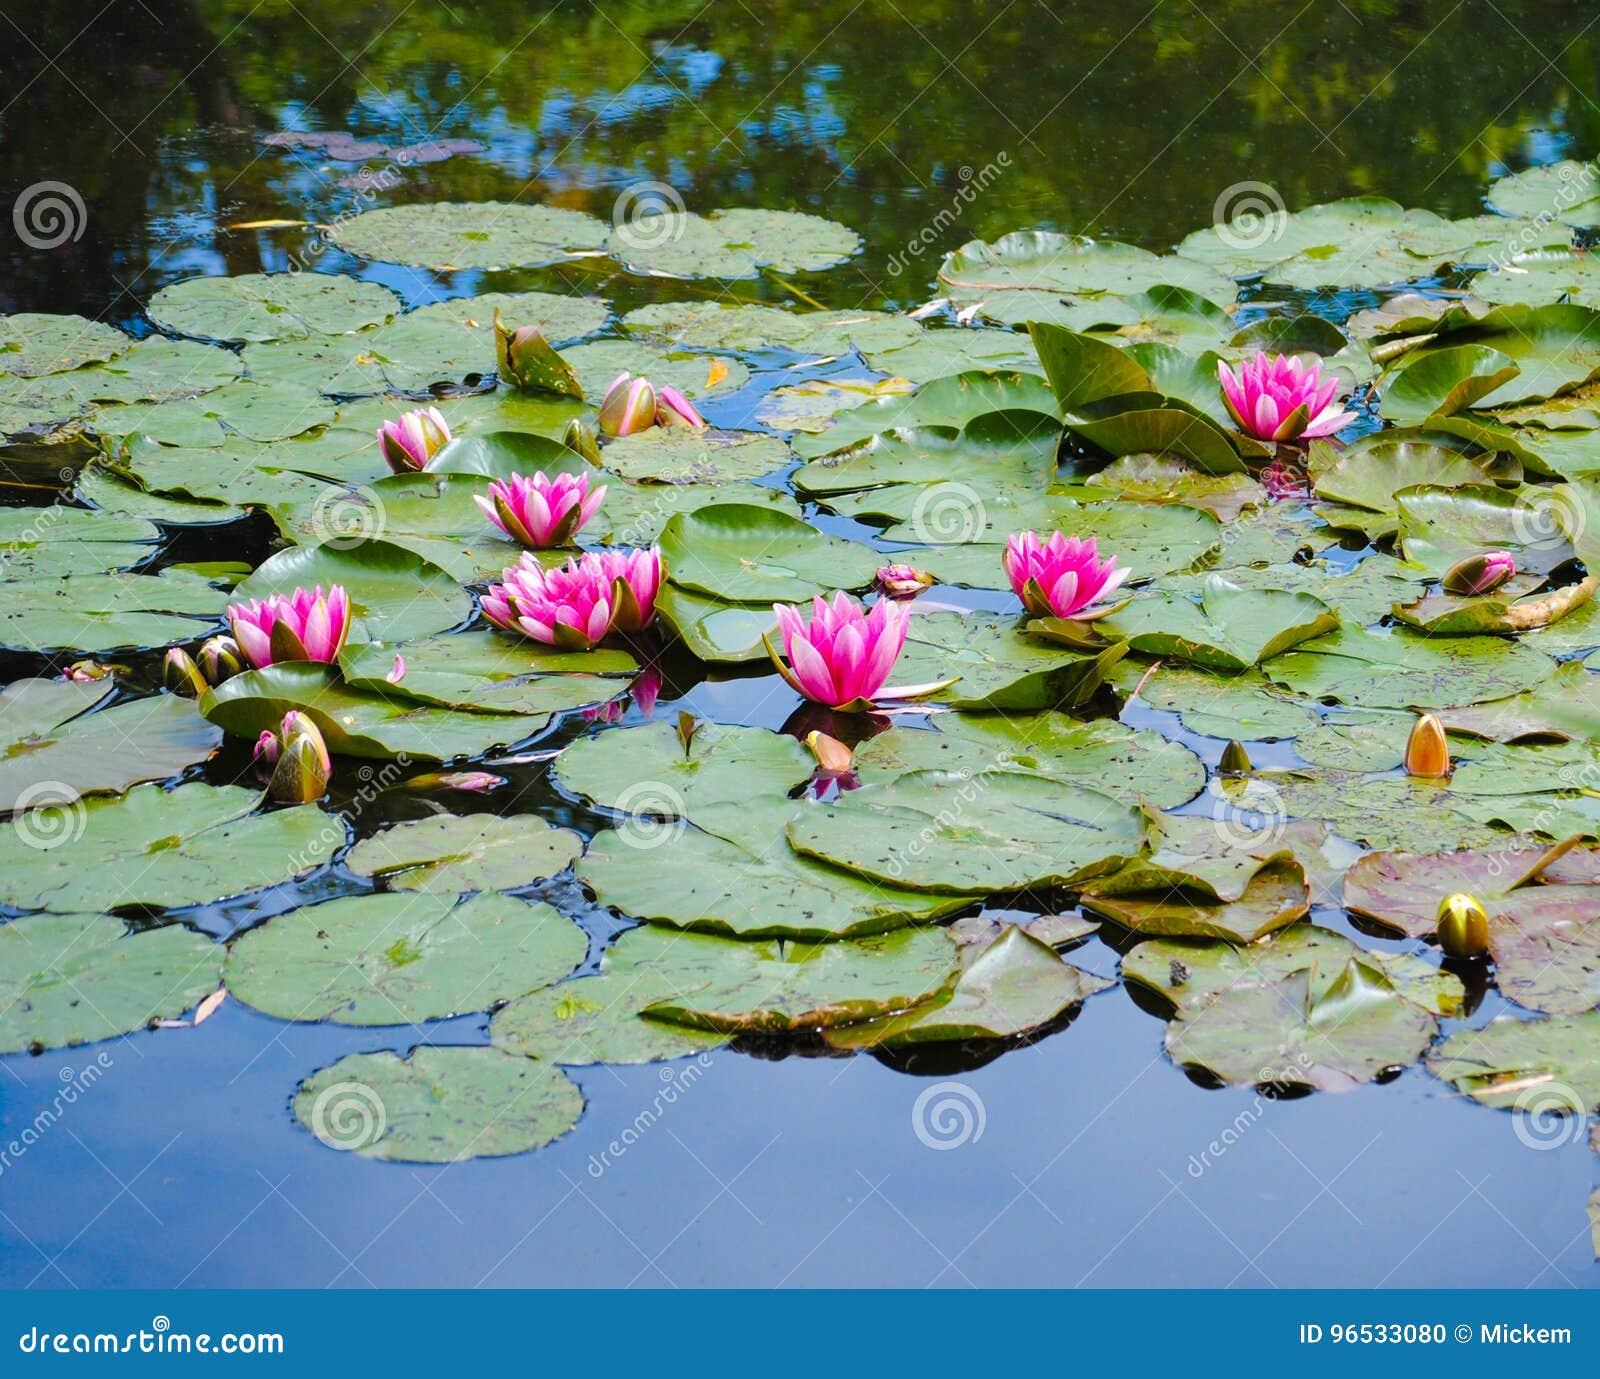 Κρίνοι νερού στο ανοιχτό ροζ